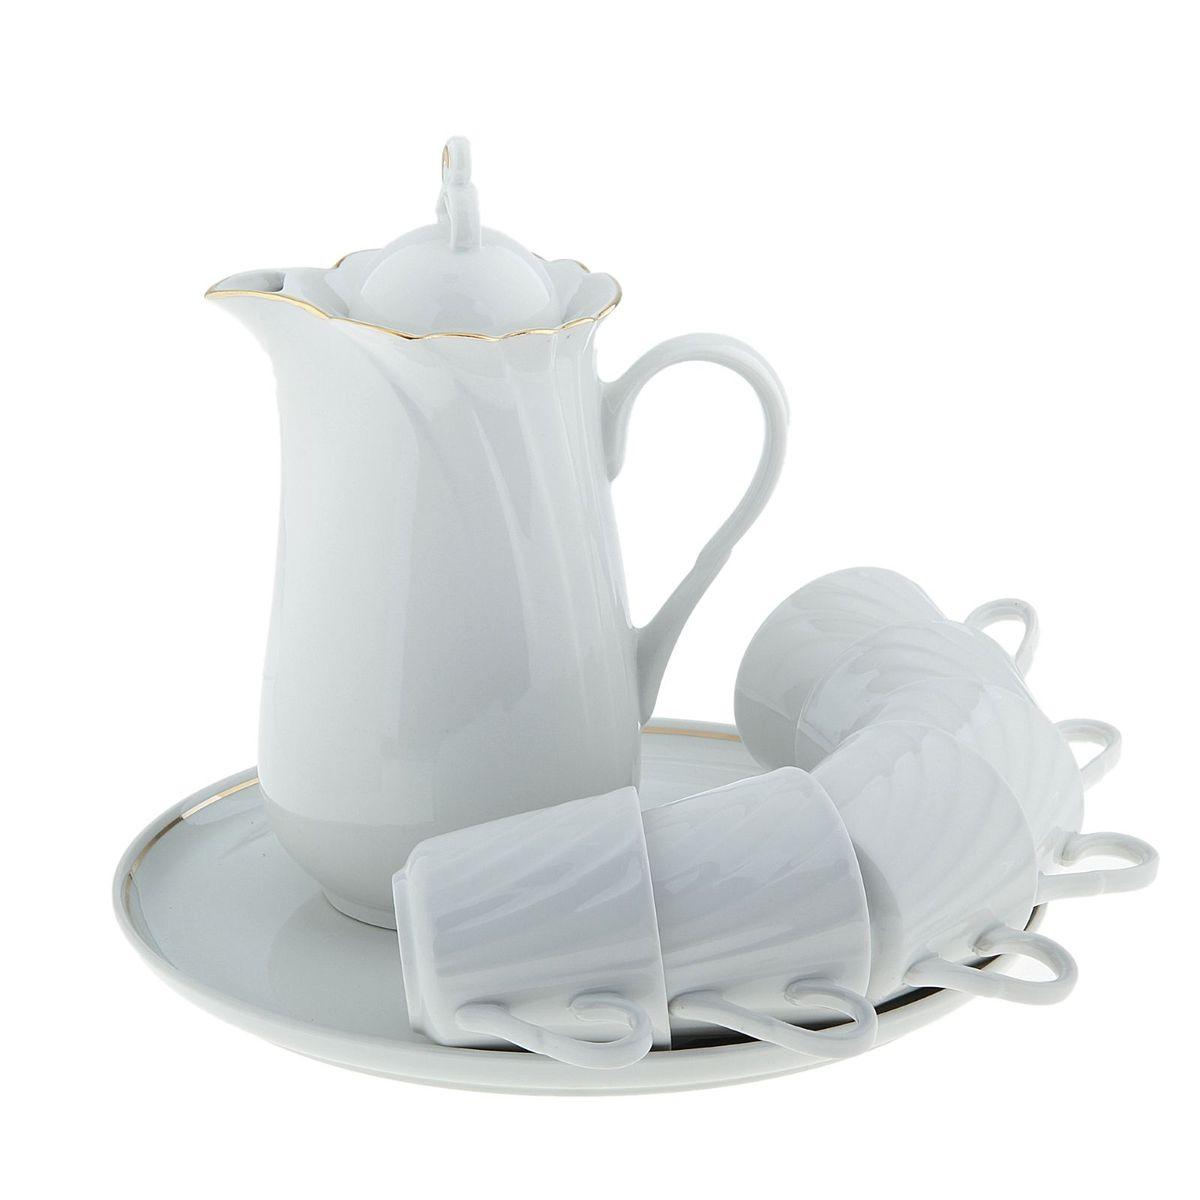 Набор питьевой Голубка, 8 предметов507877Изящный набор столовых предметов станет украшением самого изысканного стола. В набор входит:кувшин объемом 1300 мл;шесть чайных чашек объемом220 мл;блюдо для закусок диаметром 300 мм.